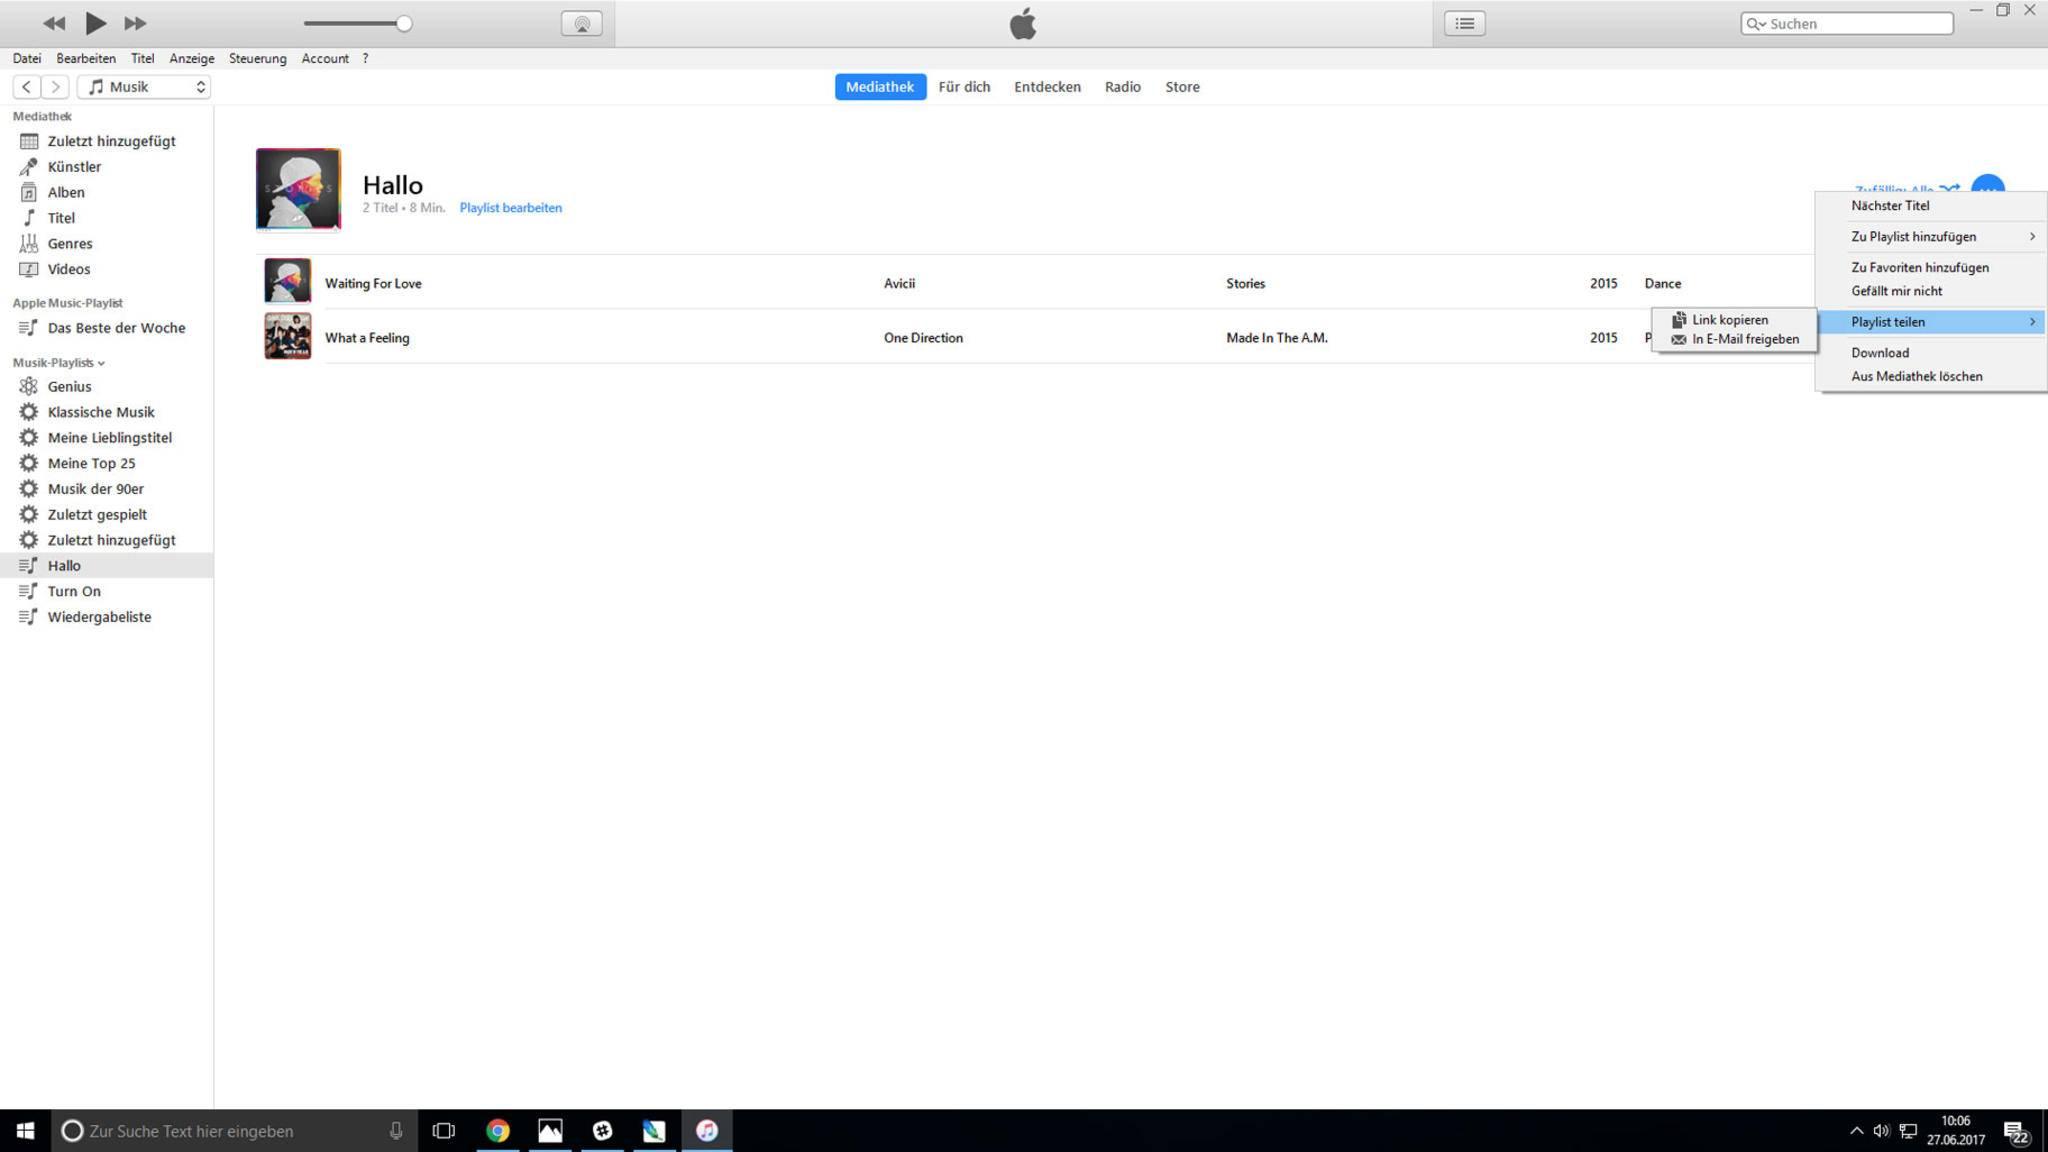 """...""""Playlist teilen"""" anklicken und wählen, ob der Link kopiert oder per Mail verschickt werden soll."""